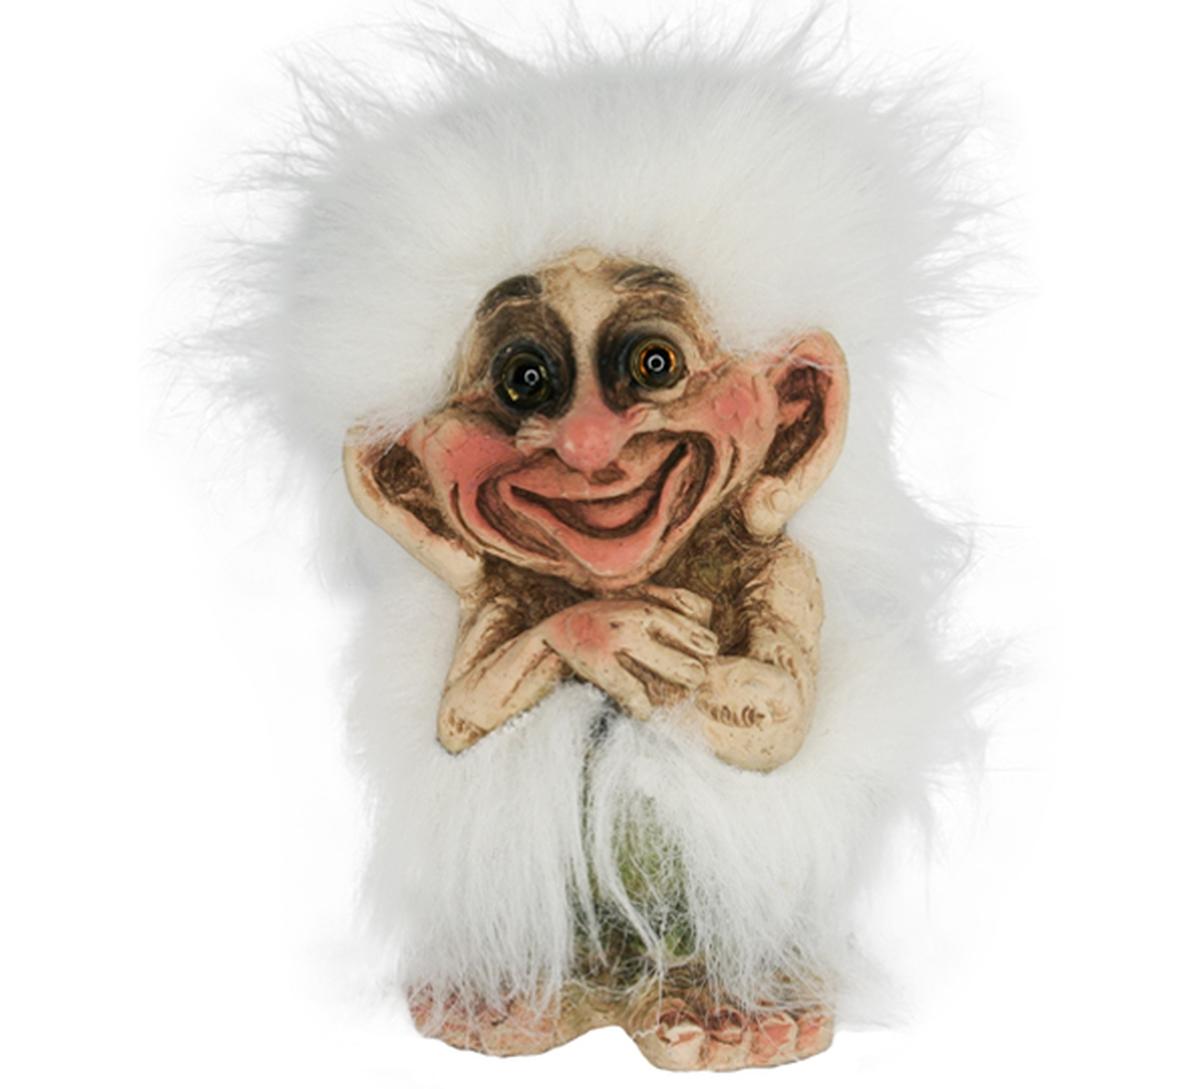 Troll with white hair (Troll # 114)